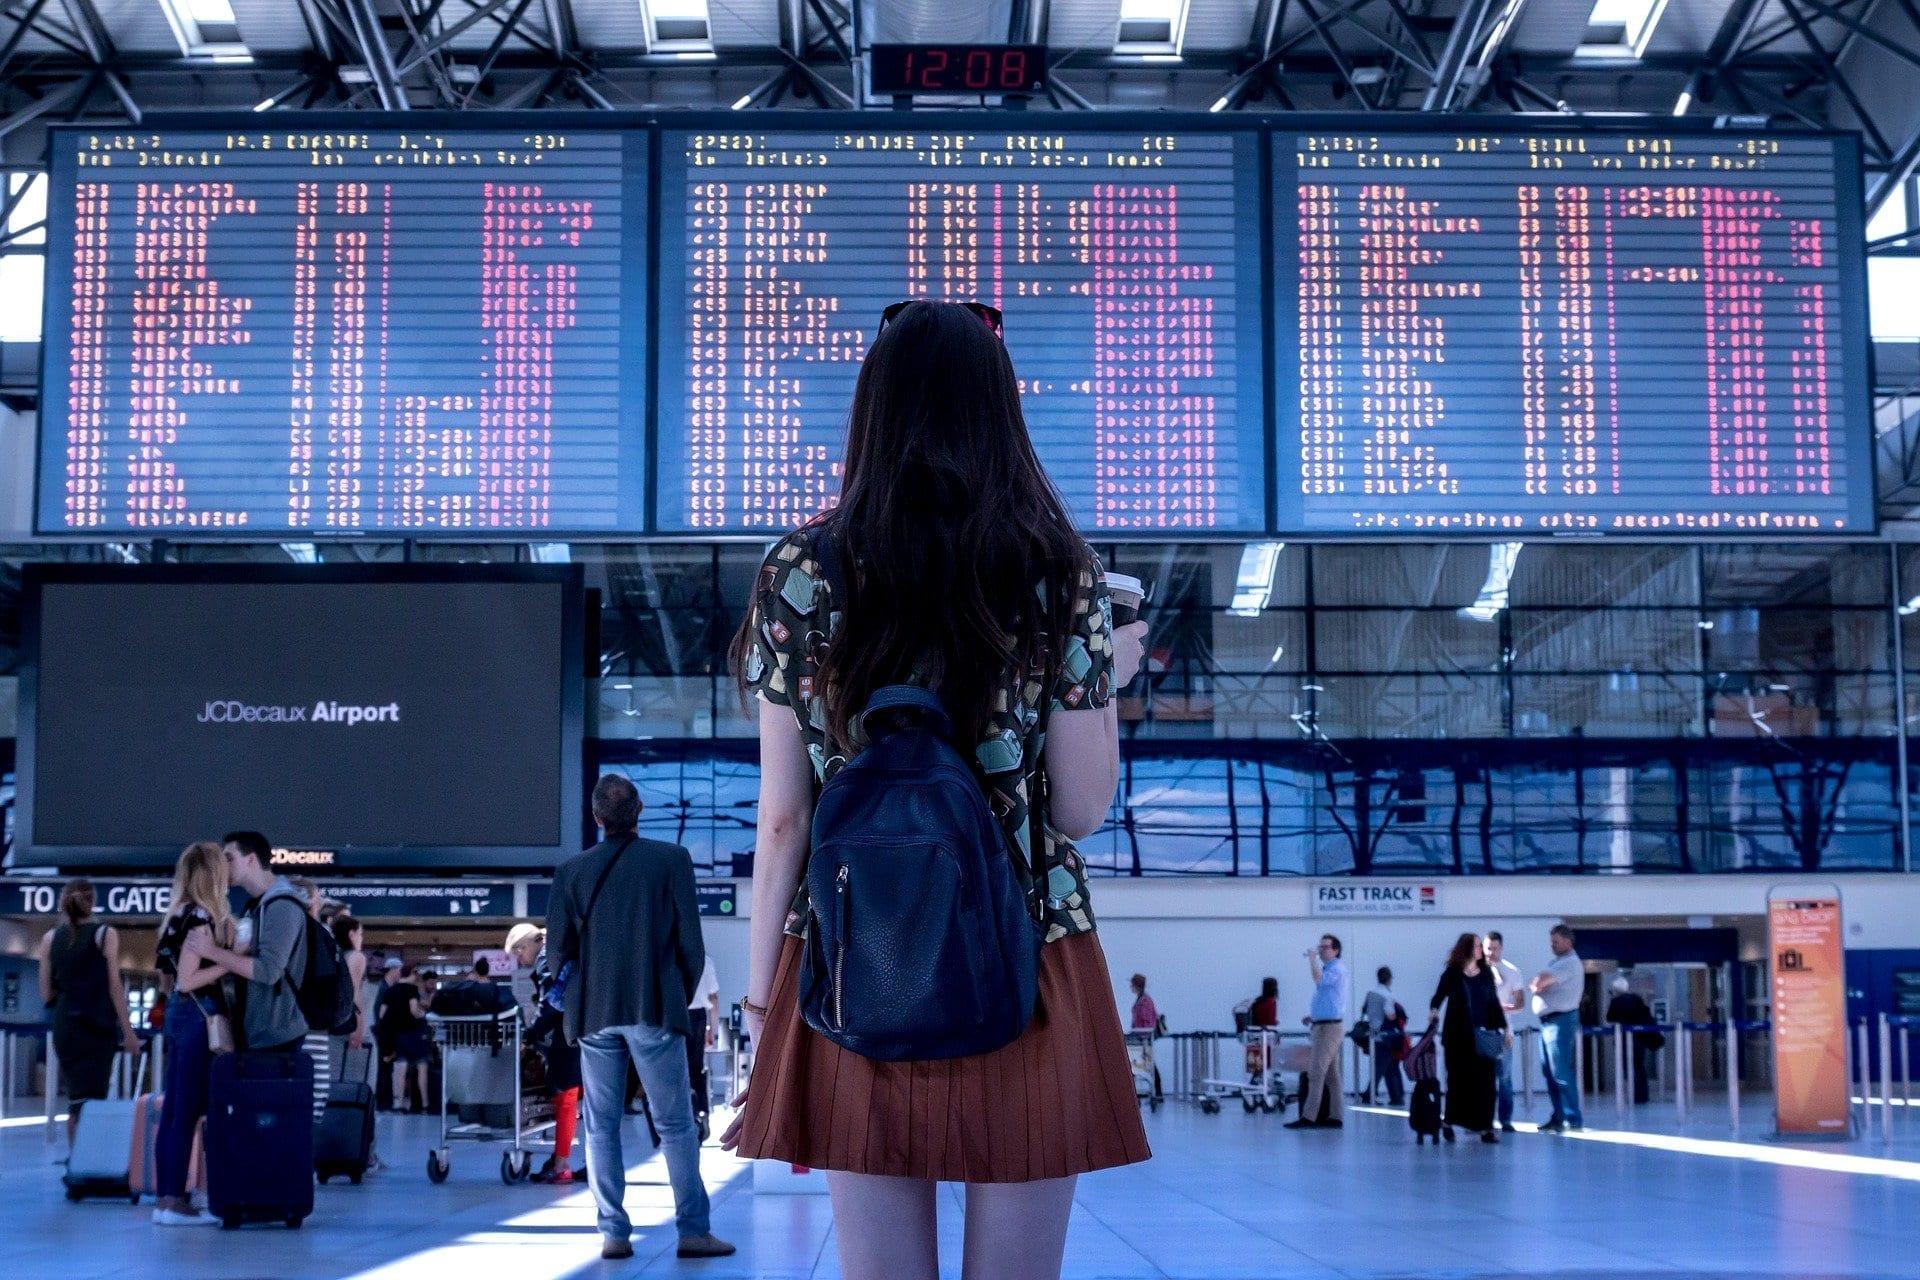 Vacanze: dove viaggiare per e dall' Italia